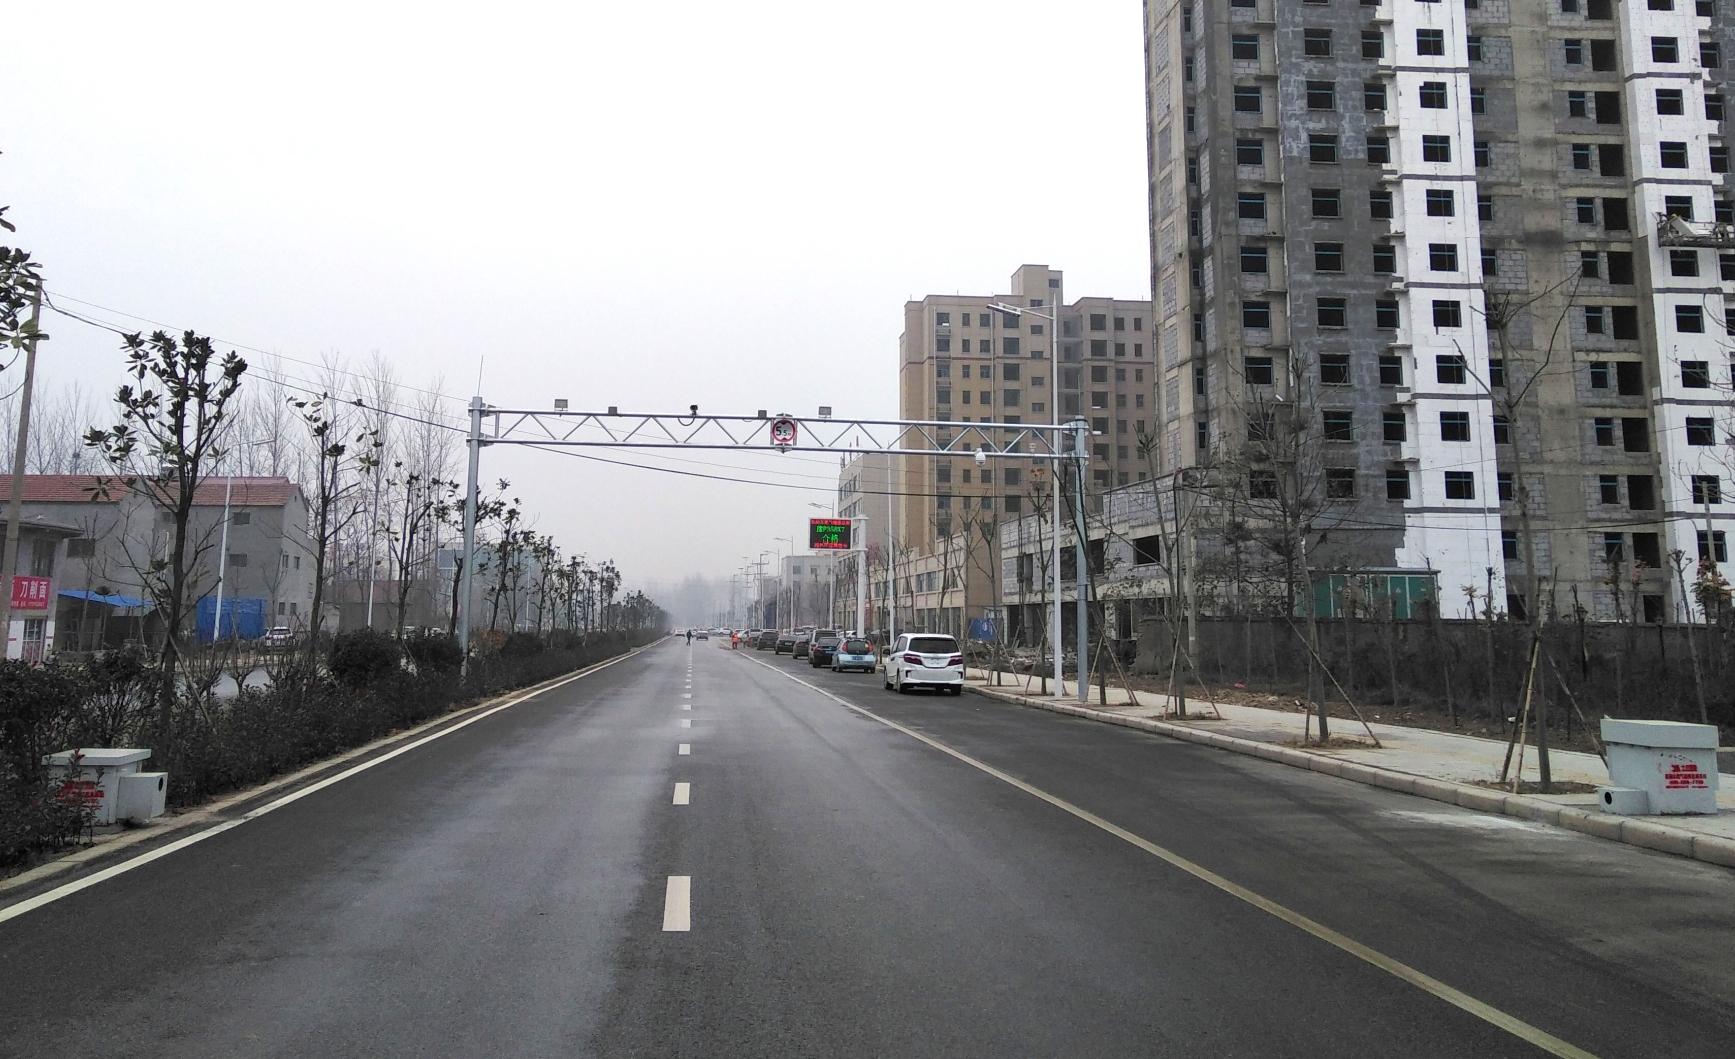 鹿邑遥感固定门站实景1